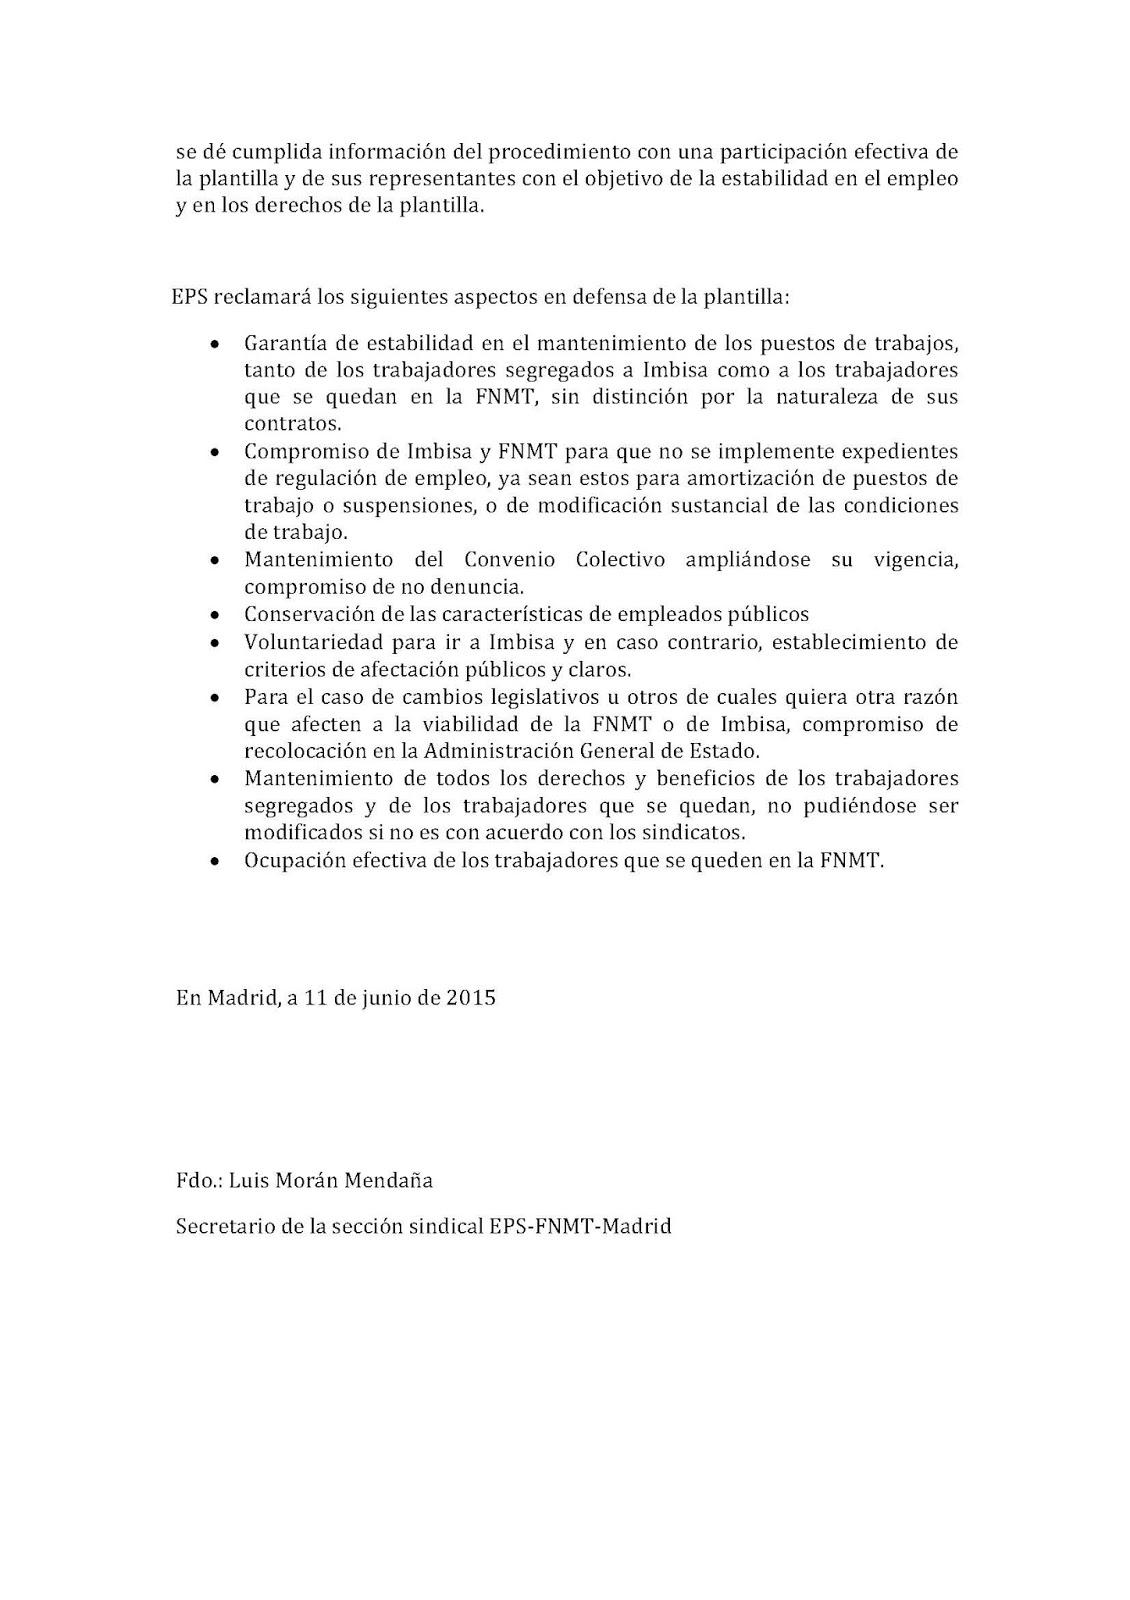 Espacio de Participación Sindical: Escrito de alegaciones sobre la ...